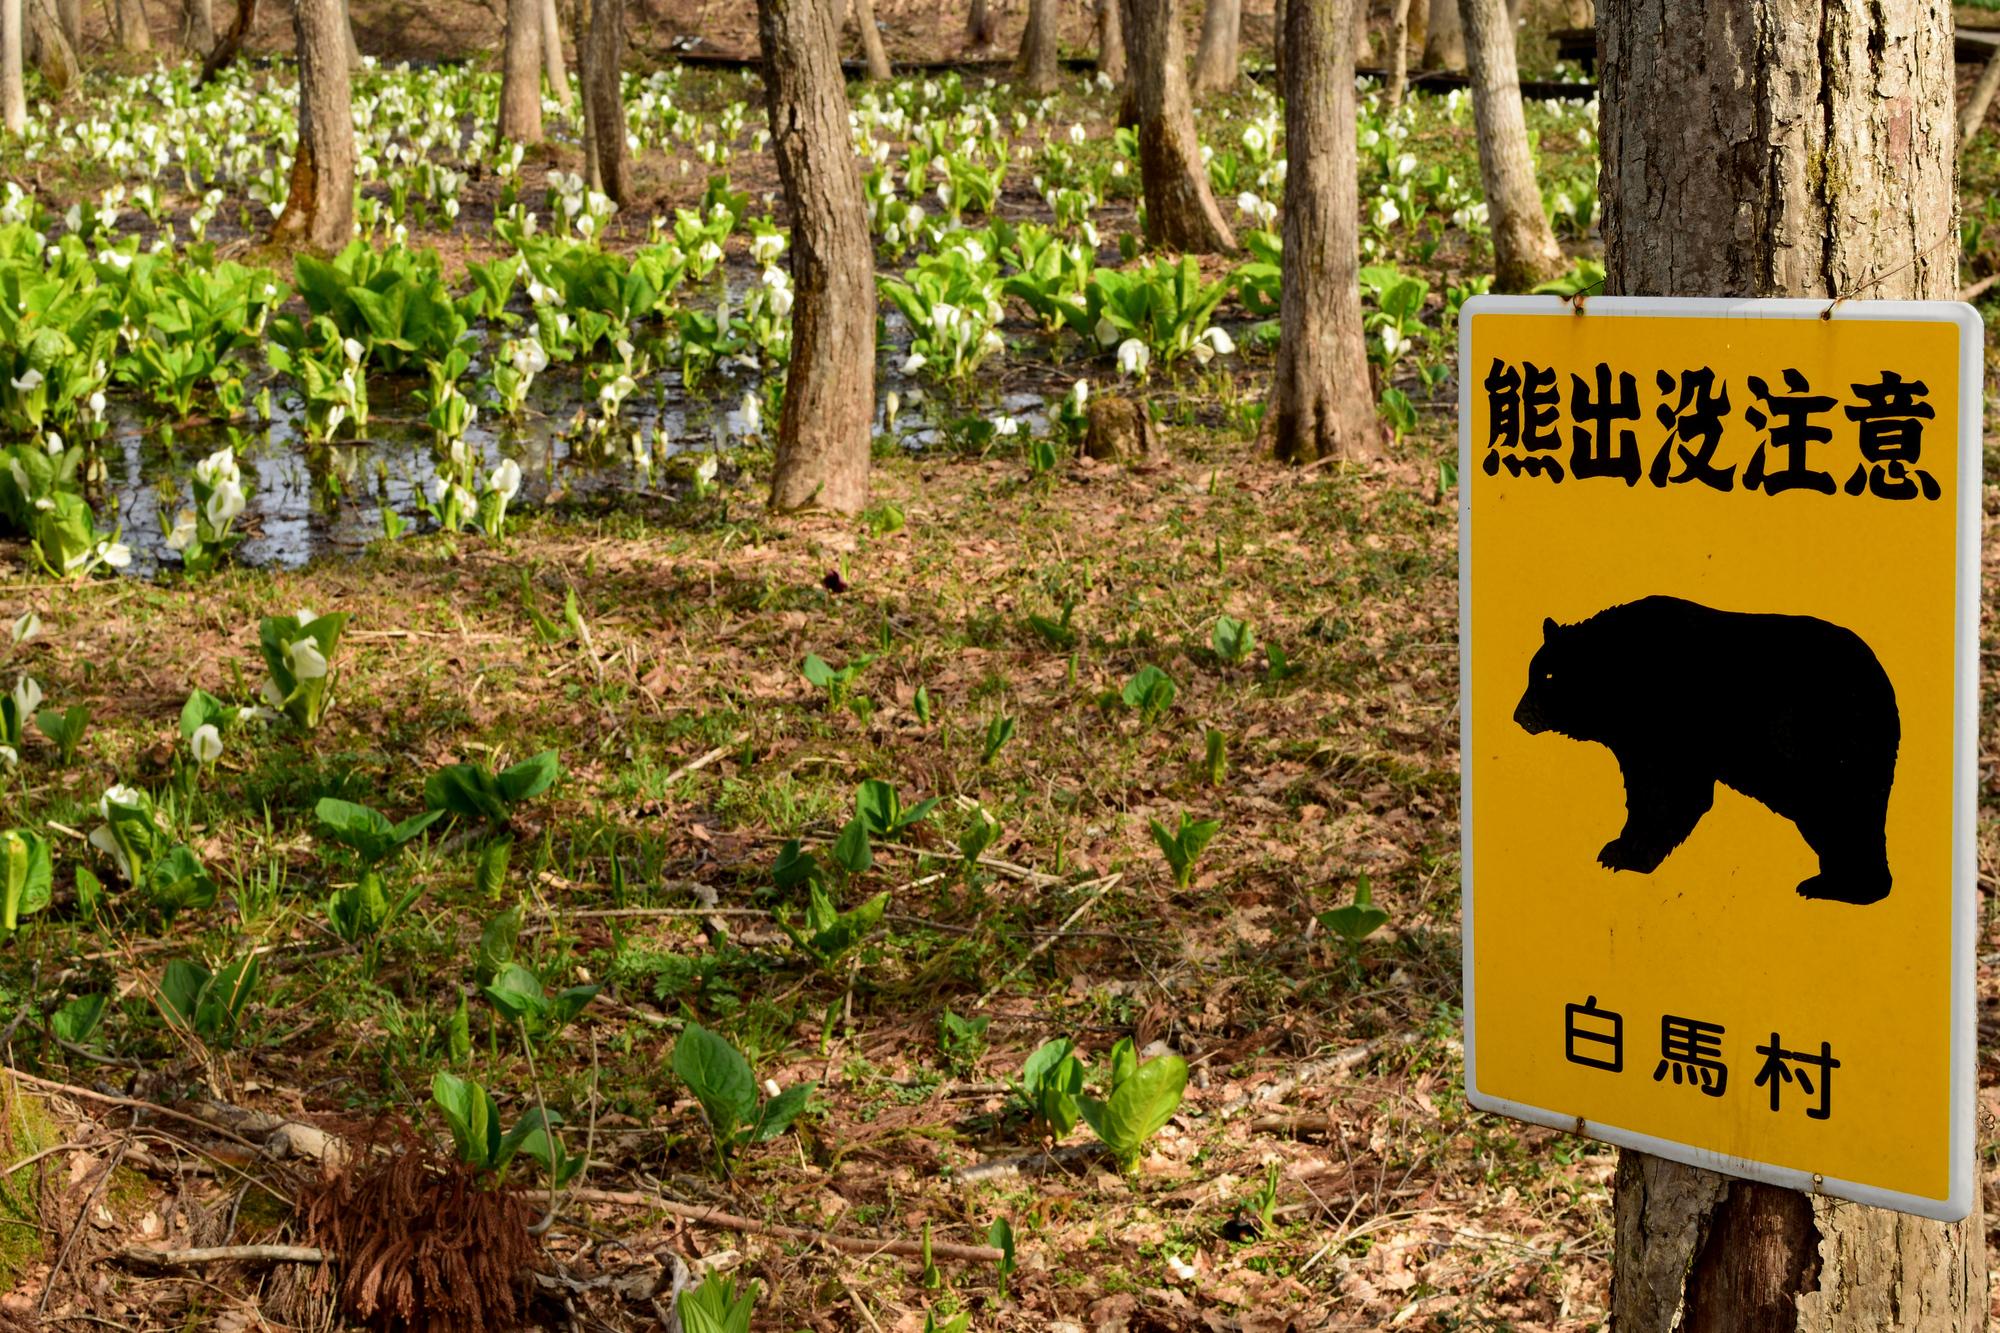 【熊注意】渓流釣りで熊に出遭わないようにするための心構え&熊対策グッズ